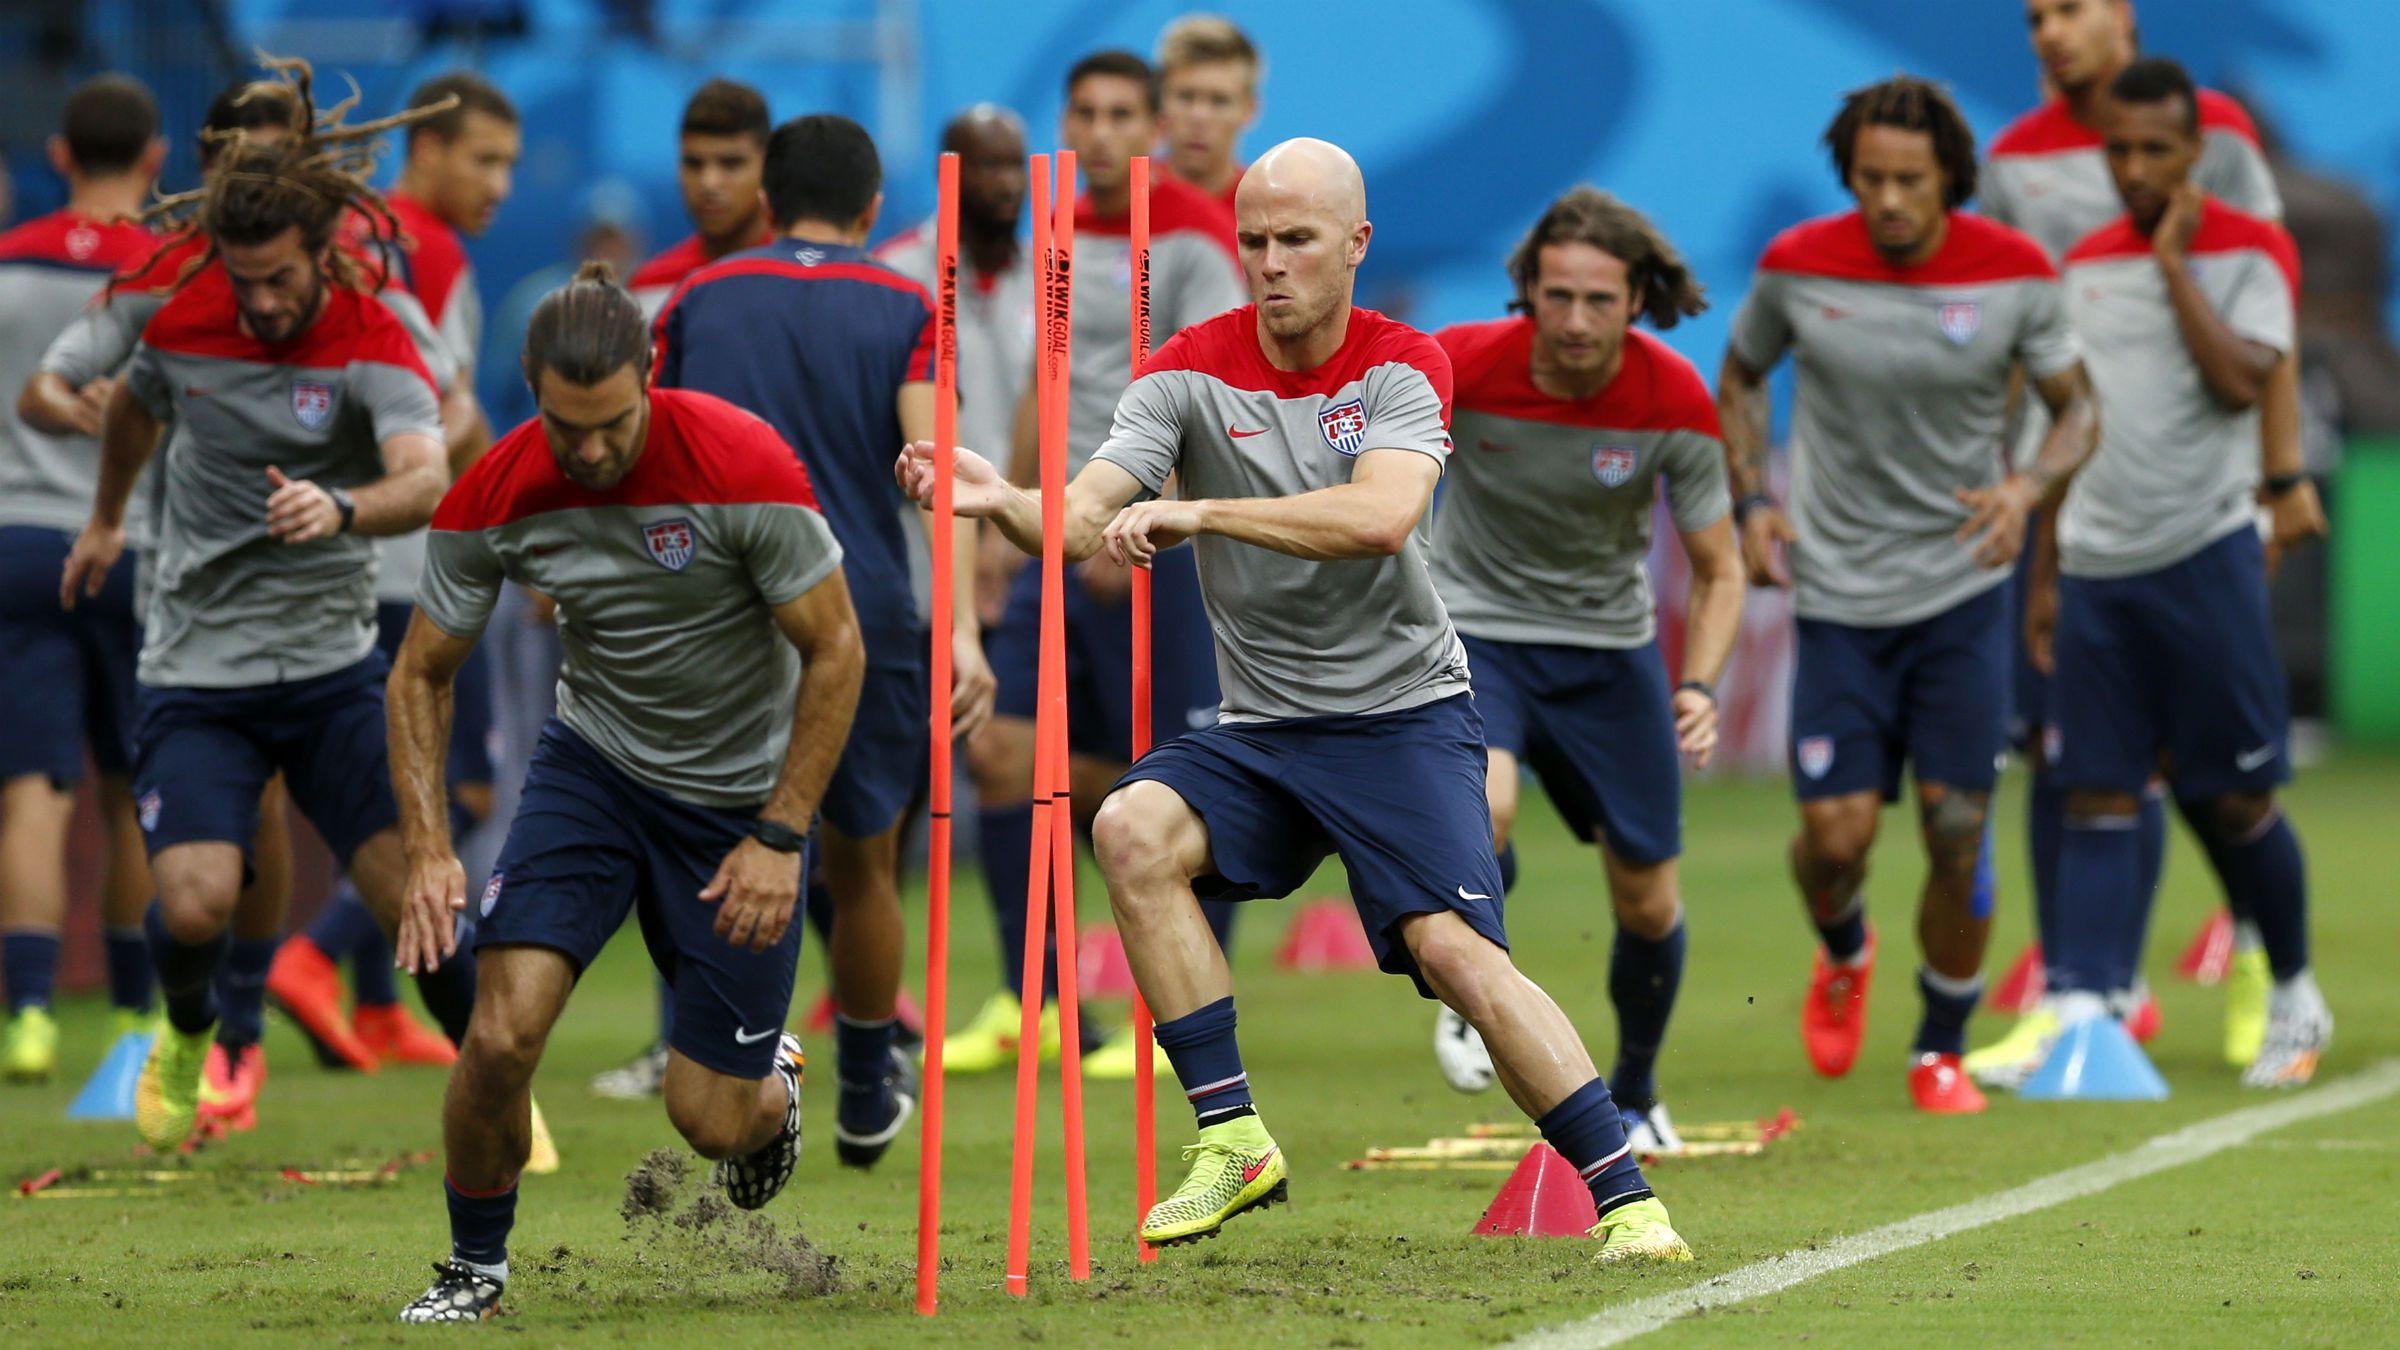 US men's national soccer team training session